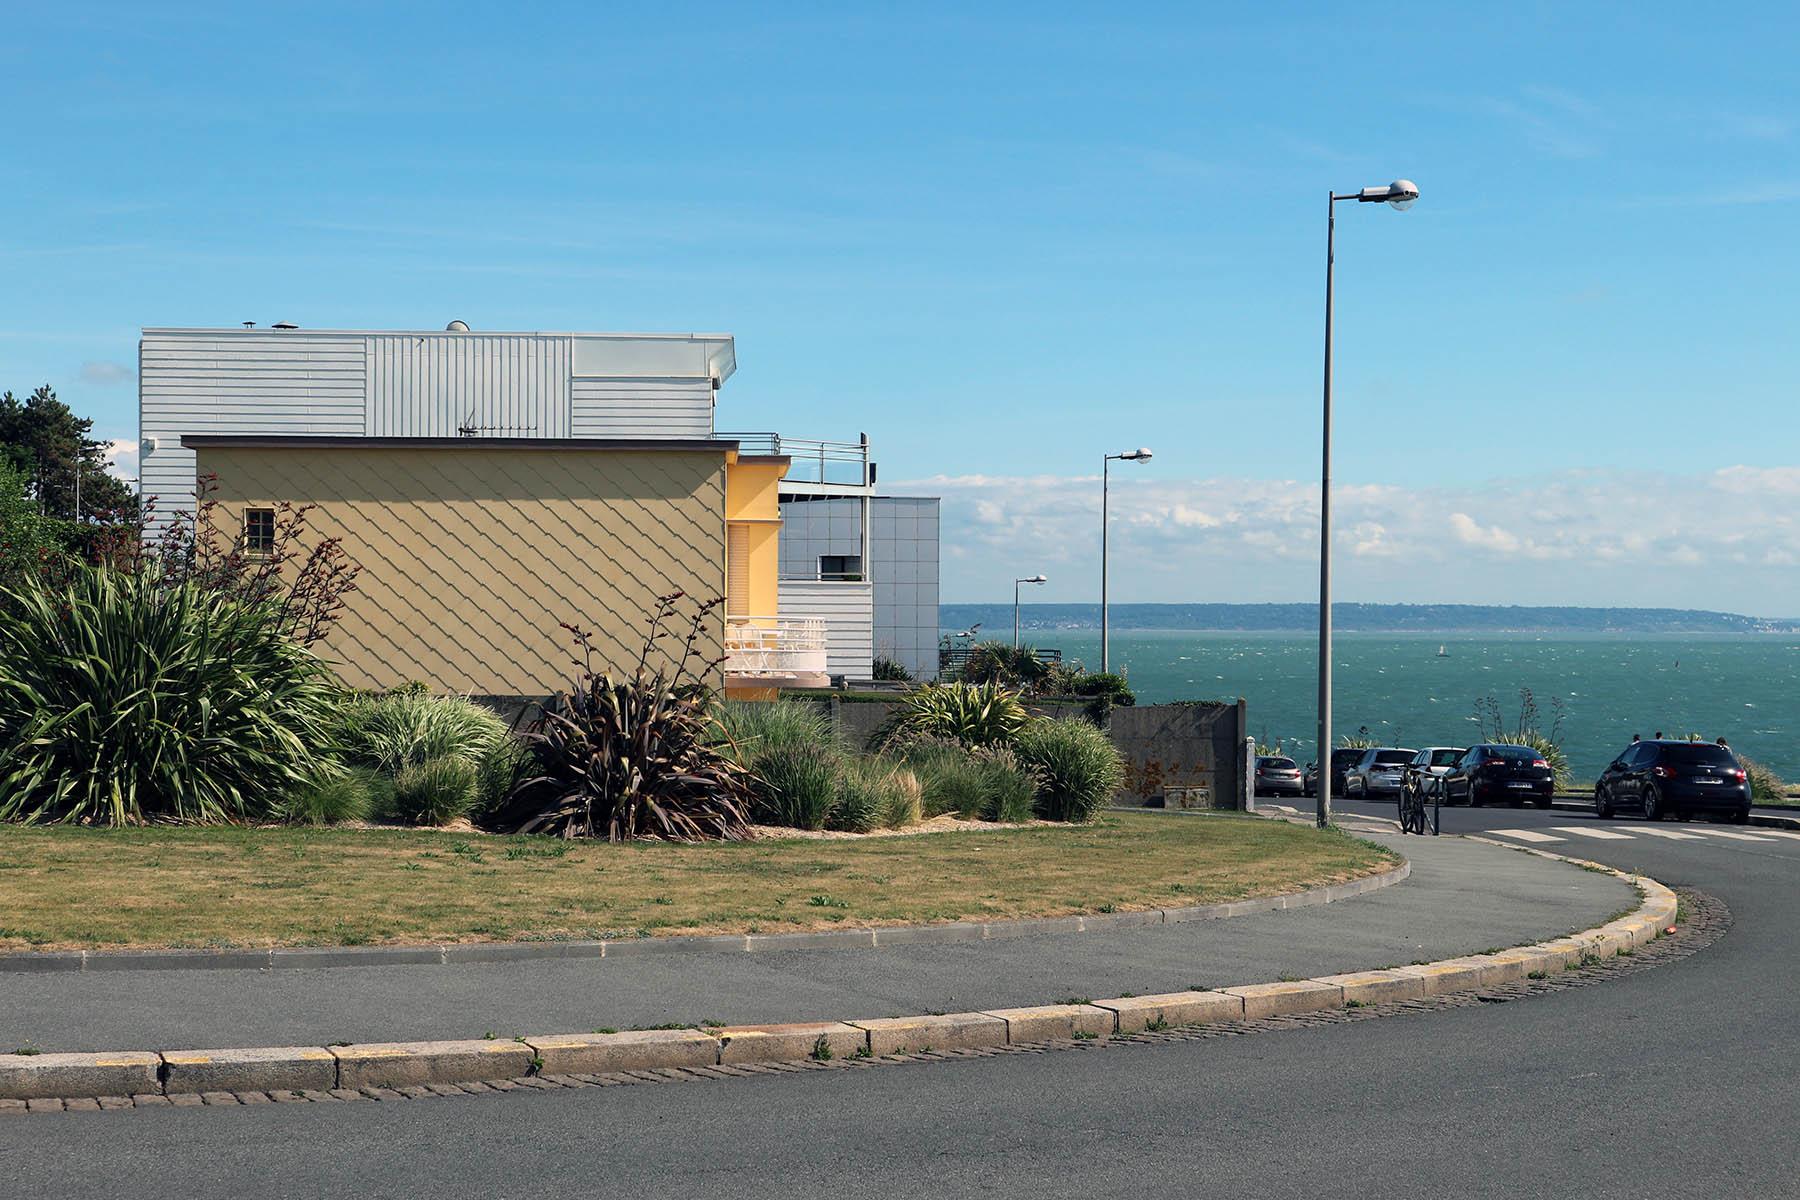 """Sainte-Adresse.  Schon vor Auguste Perret zog das Licht der Normandie Maler in seinen Bann. Im Jahre 1872 malte Claude Monet im Hafen von Le Havre ein Bild mit dem Titel Impression """"Soleil levant"""". Dieses Kunstwerk verhalf übrigens dem damals neuen Stil in der Malerei zu der Bezeichnung Impressionismus."""